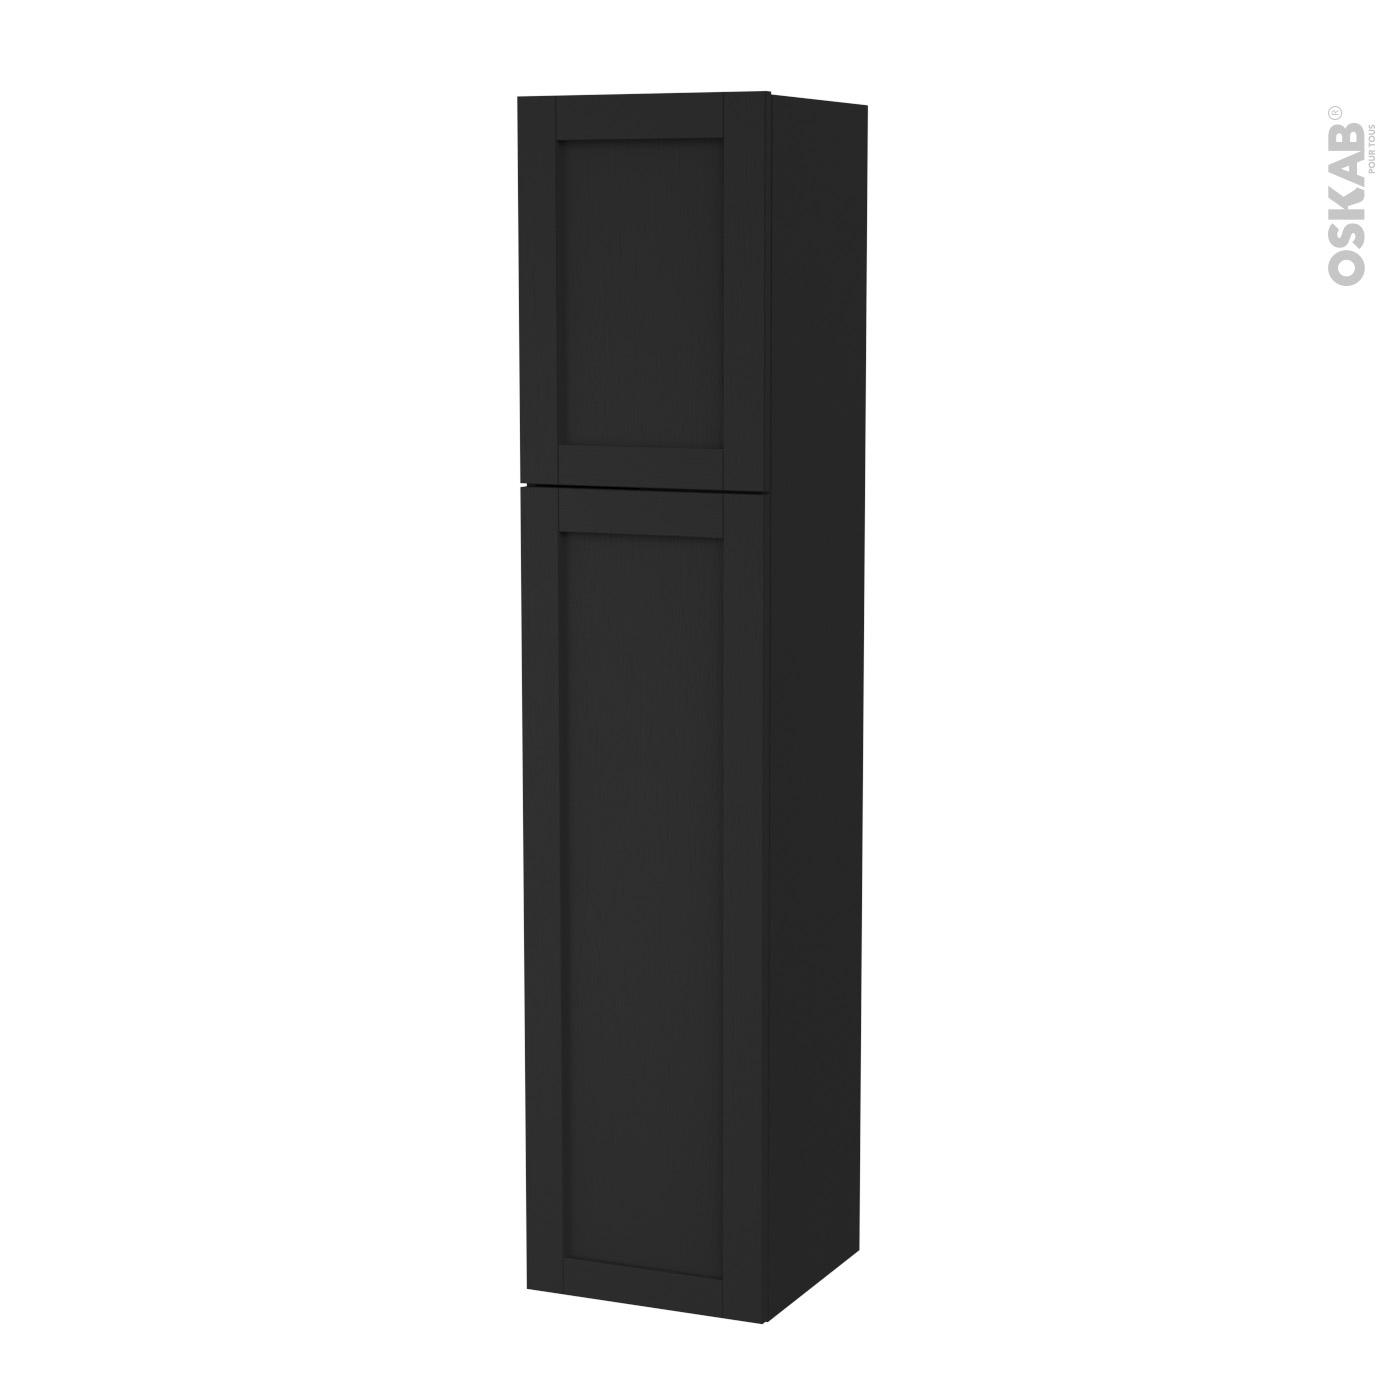 Colonne De Salle De Bains 2 Portes Avara Frene Noir Cotes Decors Version A L40 X H182 X P40 Cm Oskab